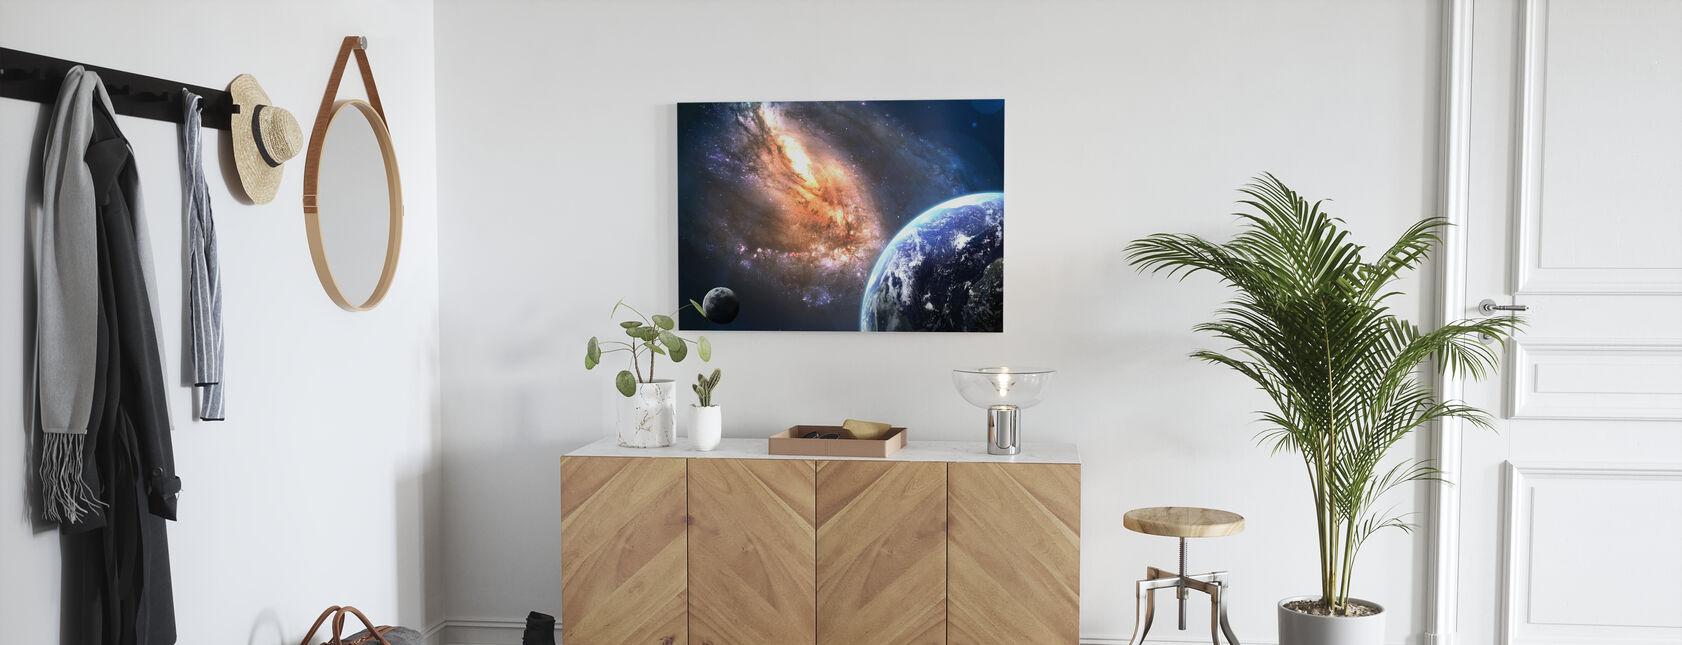 Maa avaruudessa - Canvastaulu - Aula